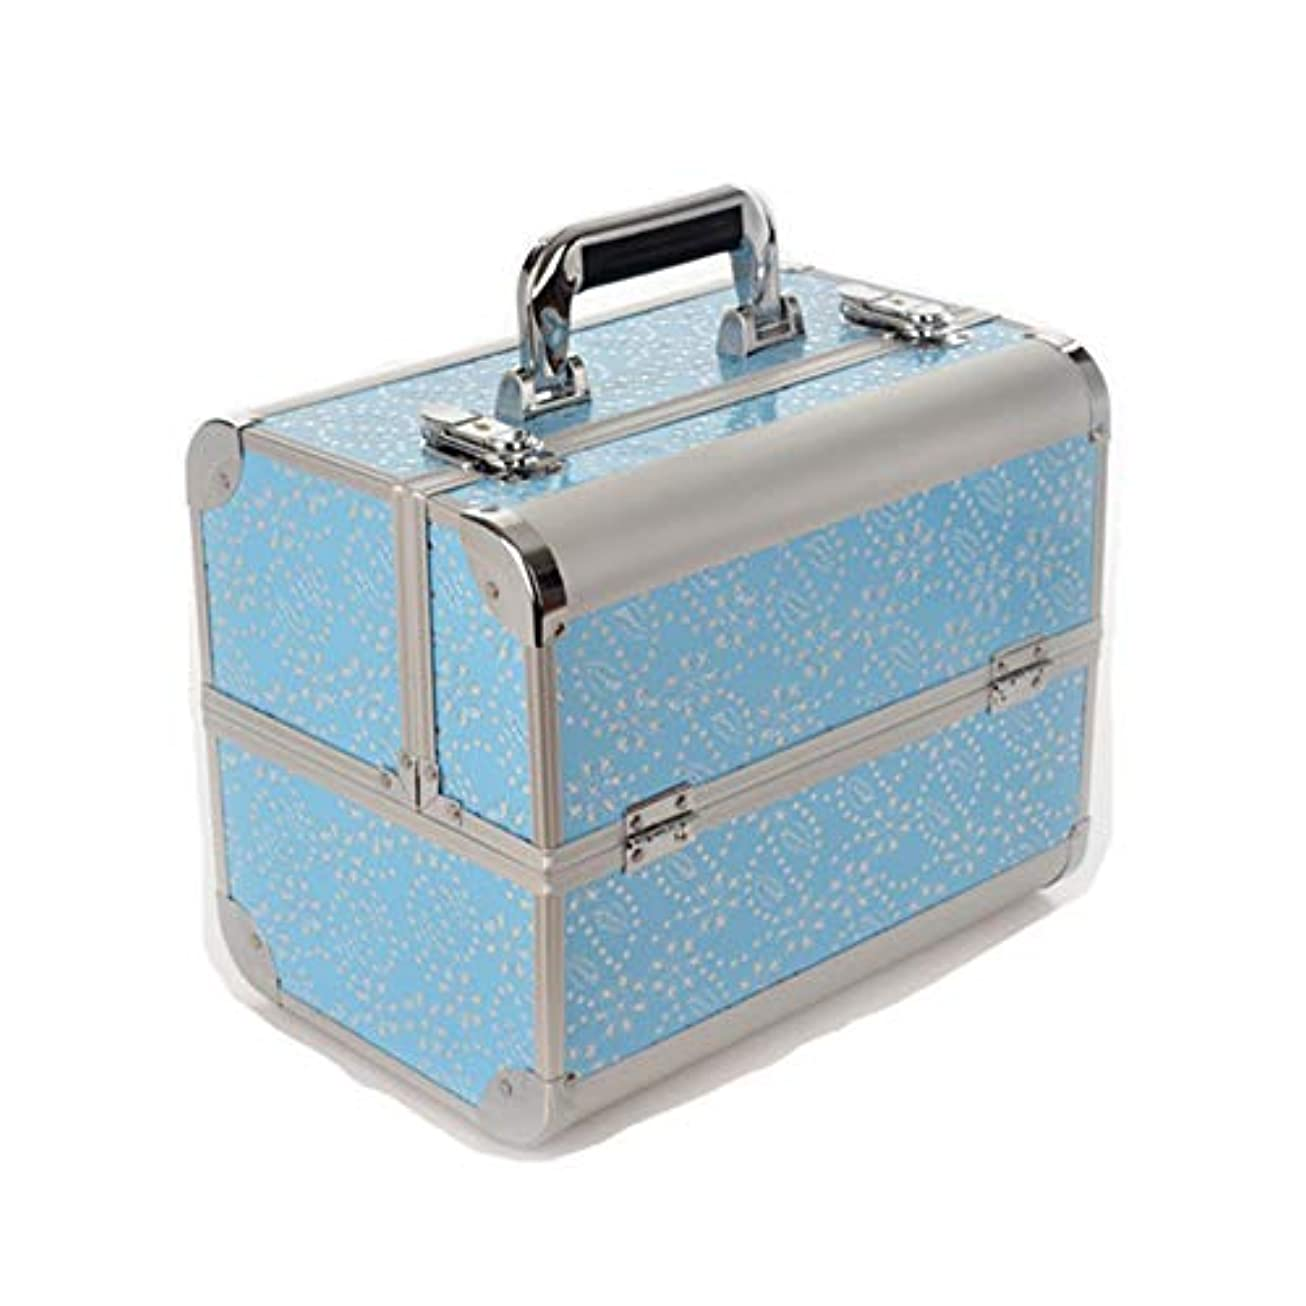 職人再集計死特大スペース収納ビューティーボックス 美の構造のためそしてジッパーおよび折る皿が付いている女の子の女性旅行そして毎日の貯蔵のための高容量の携帯用化粧品袋 化粧品化粧台 (色 : 青)